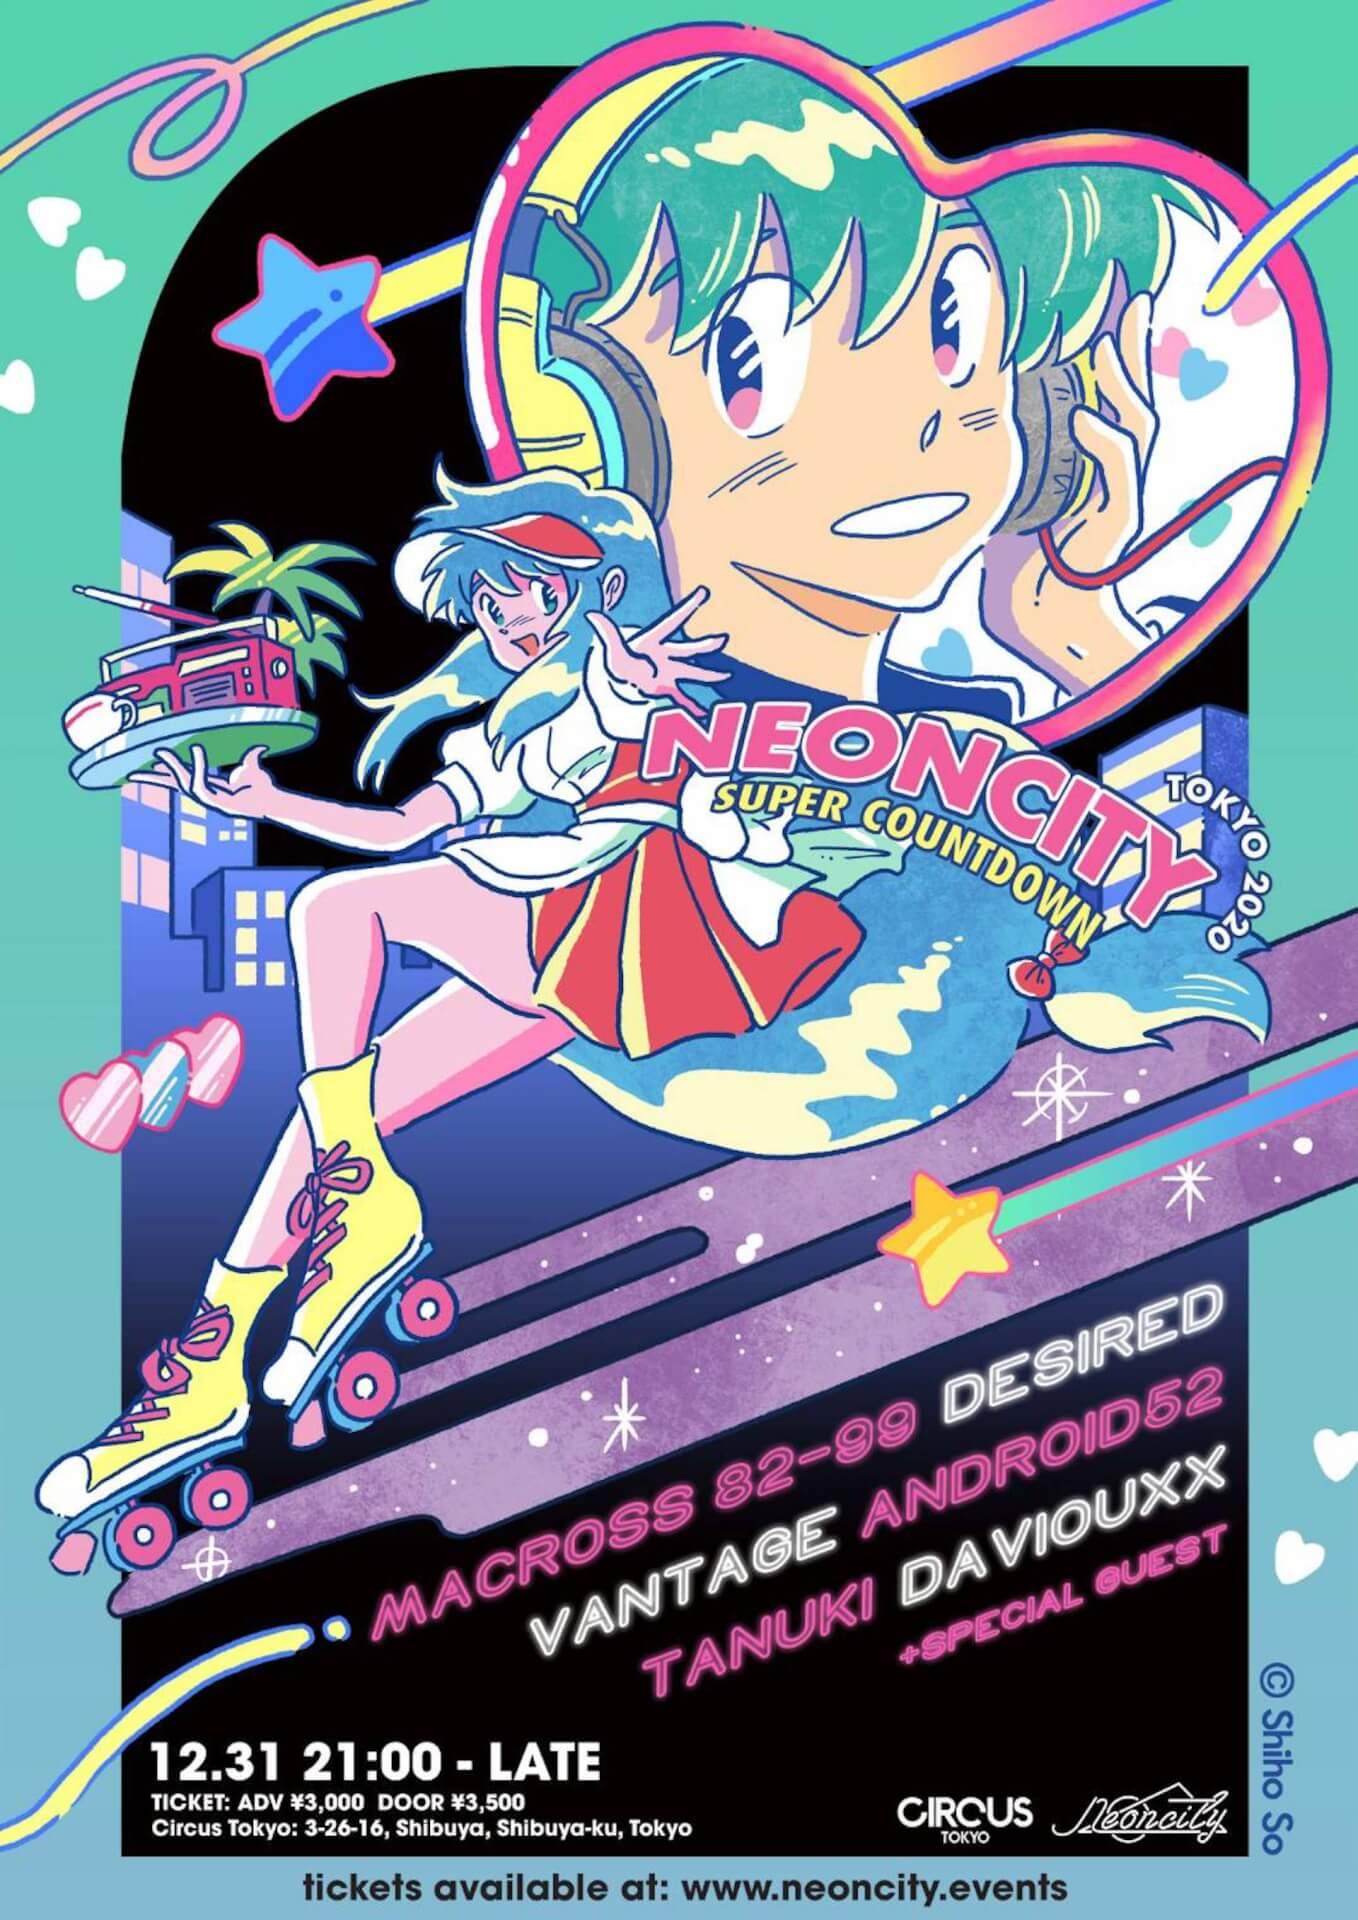 今年のカウントダウンはCIRCUSで!CIRCUS OSAKAでFUMIYA TANAKA、AOKI takamasa、CIRCUS TOKYOでAndroid52らが出演カウントダウンイベント開催 music191213_circus_countdown_3